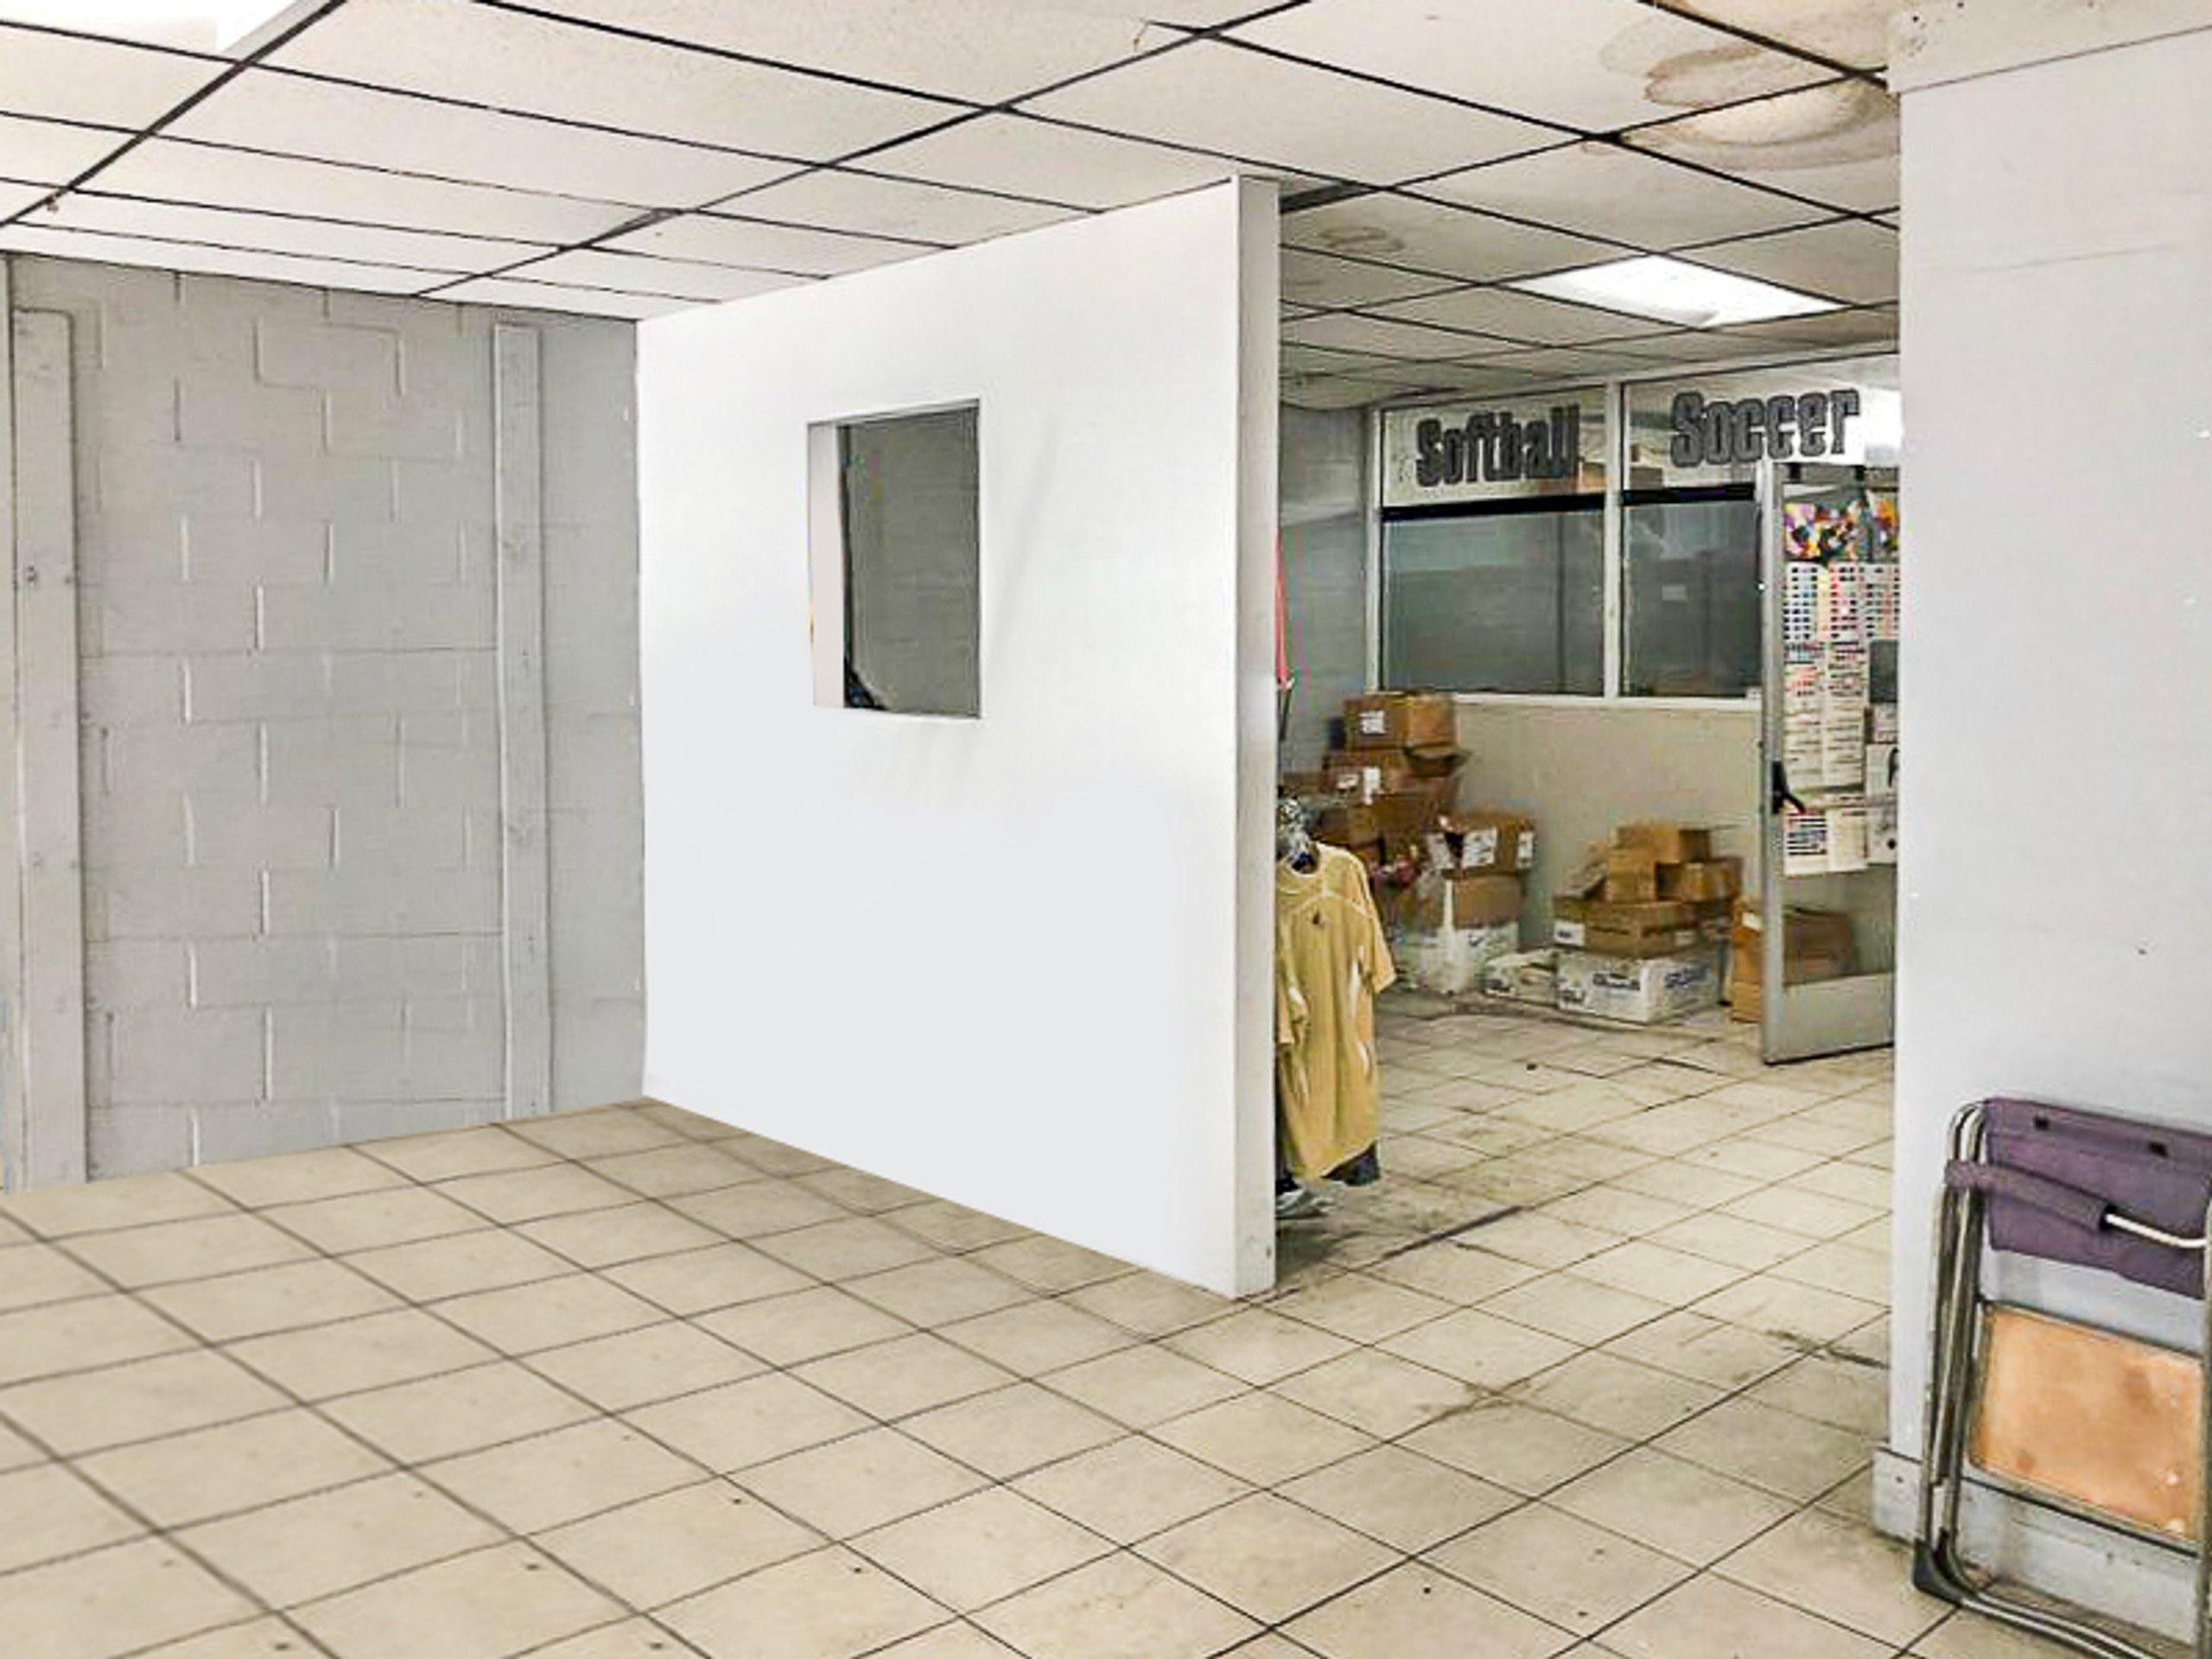 12x9 Other self storage unit